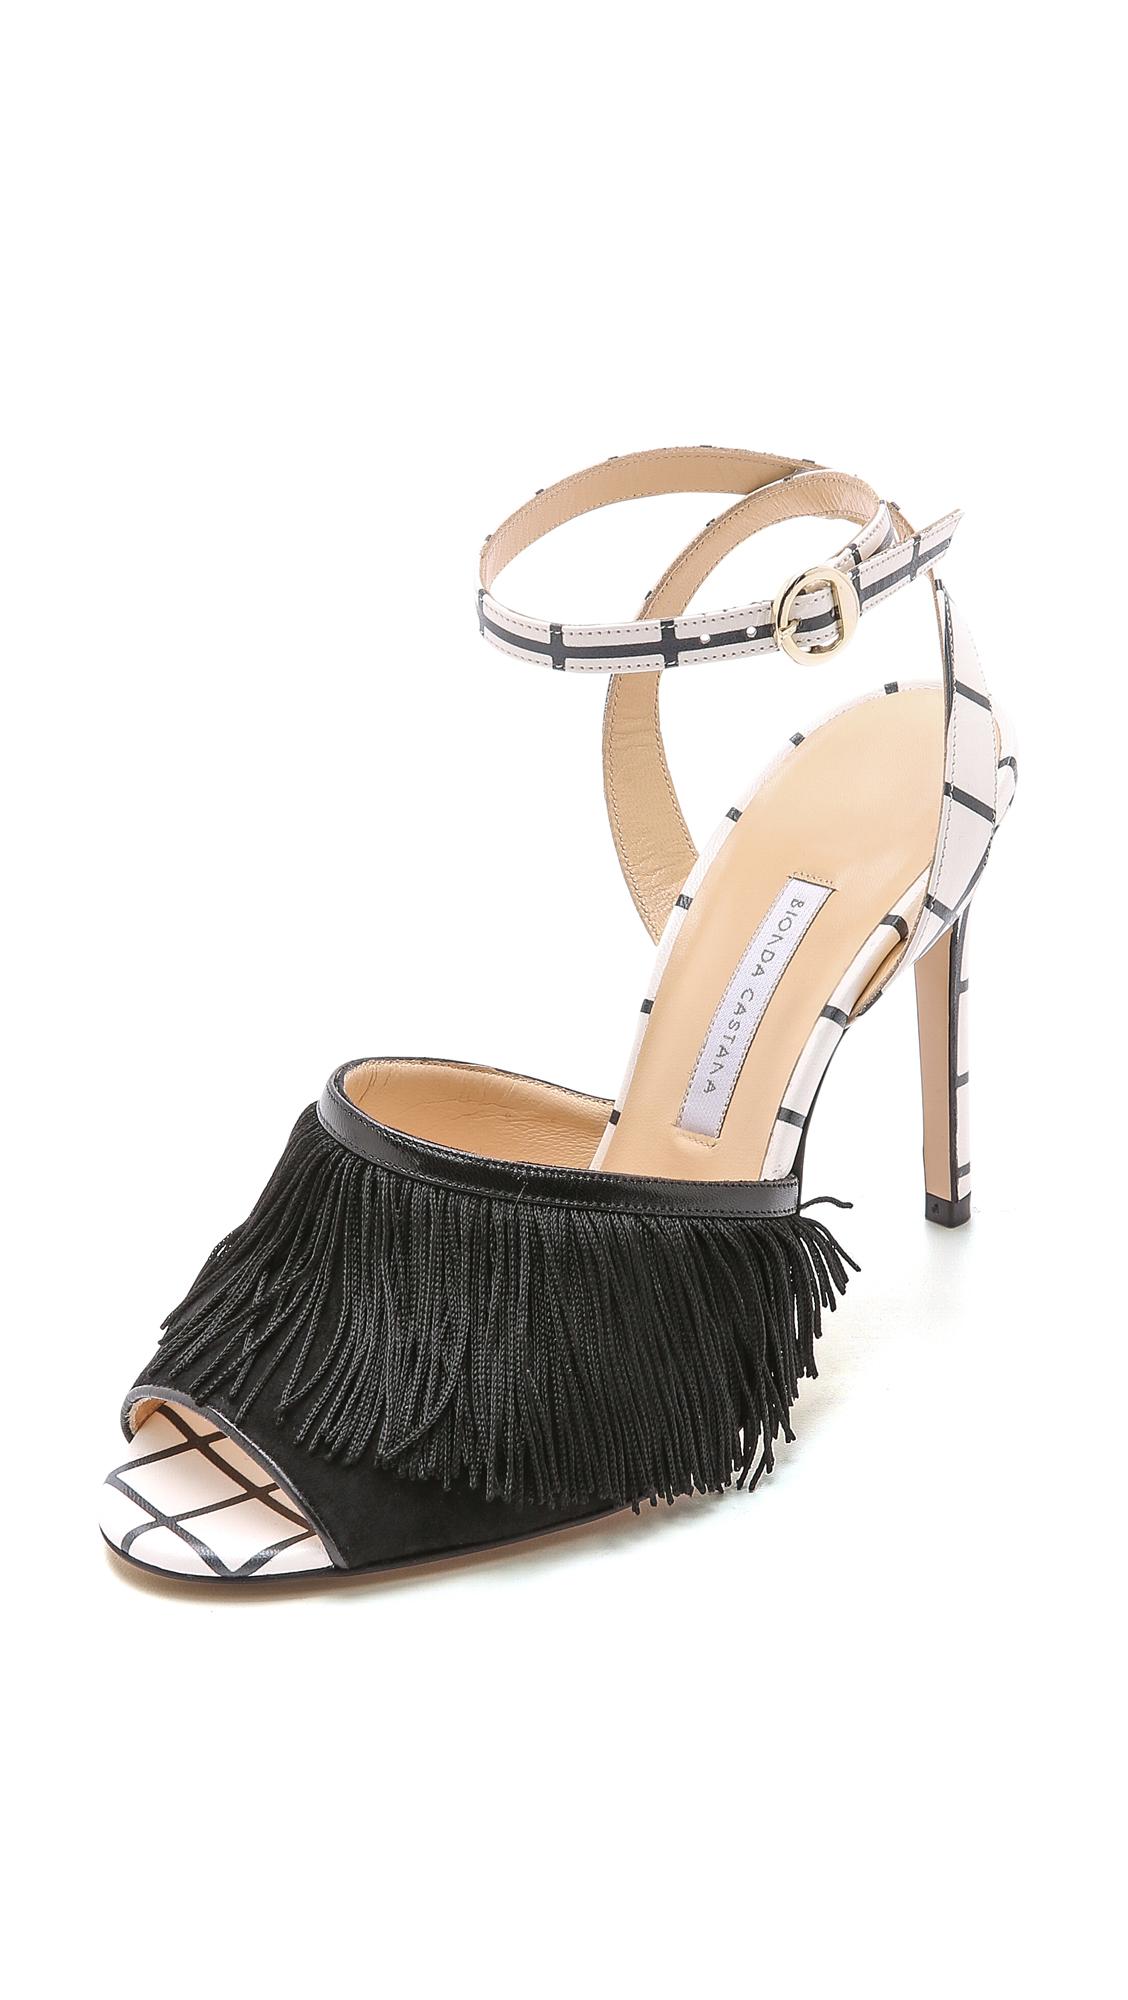 Athena sandals byBionda Castana, €644.40 at shopbop.com